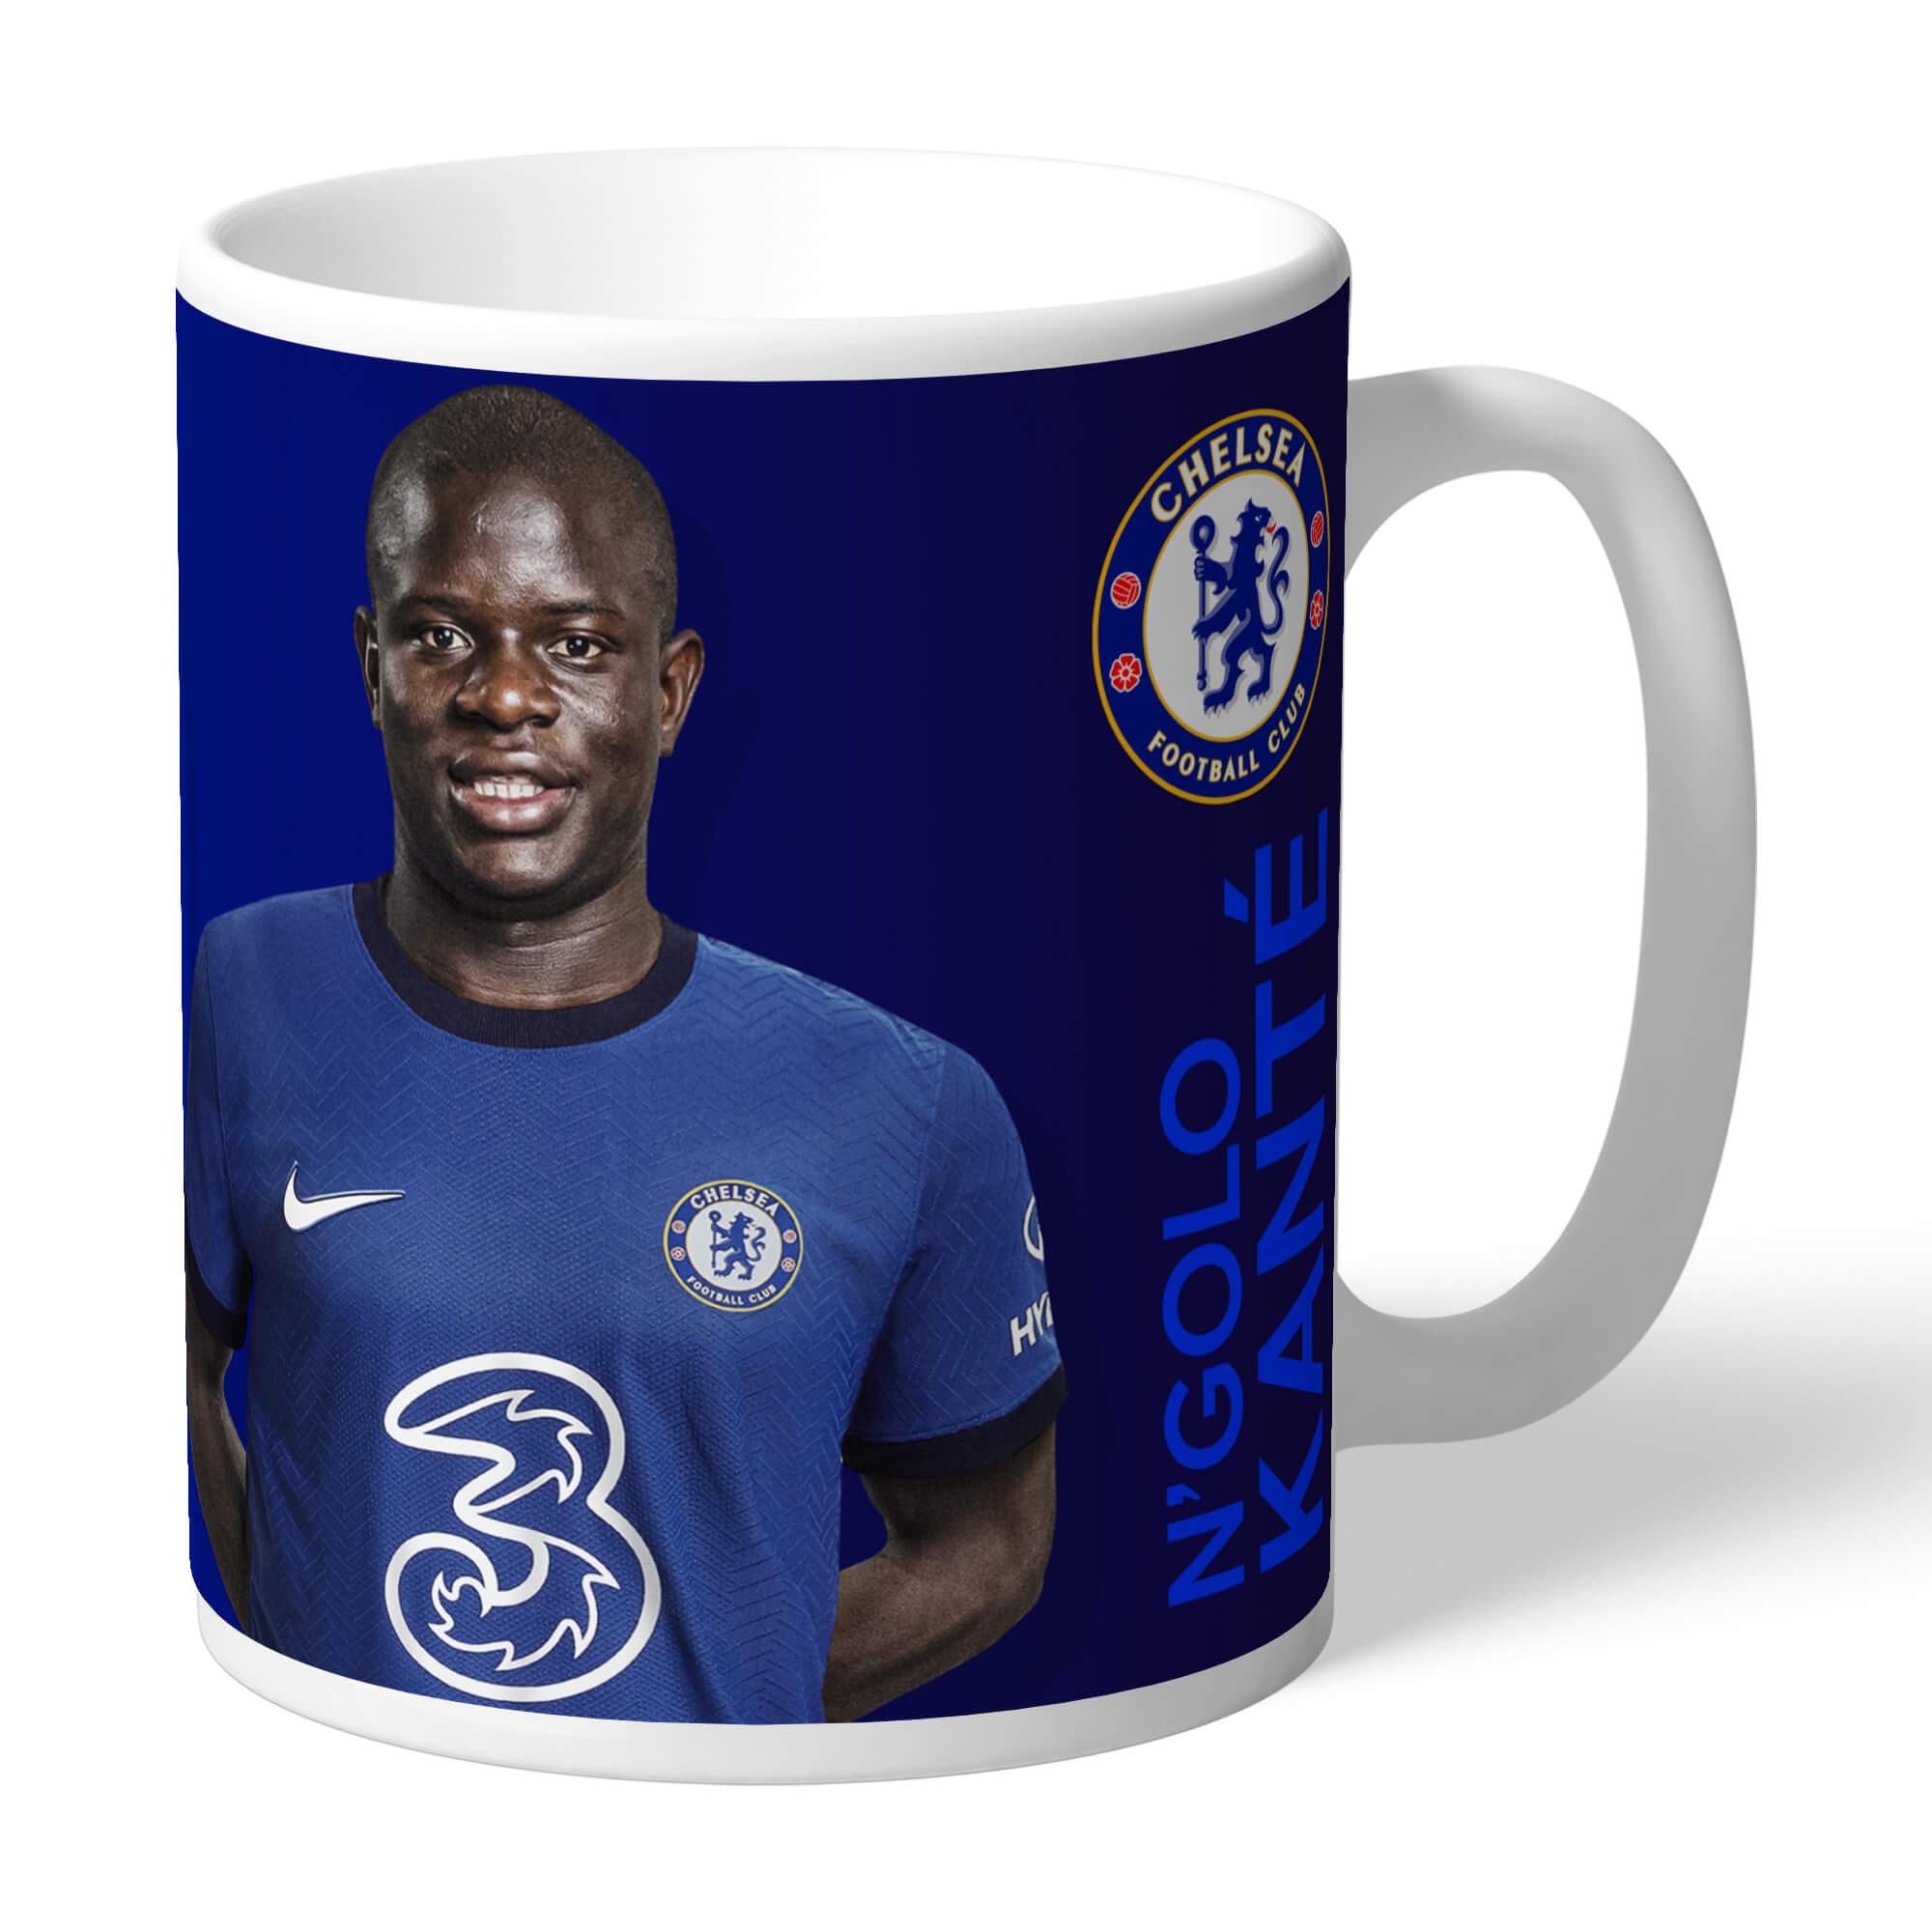 Chelsea FC Kante Autograph Mug